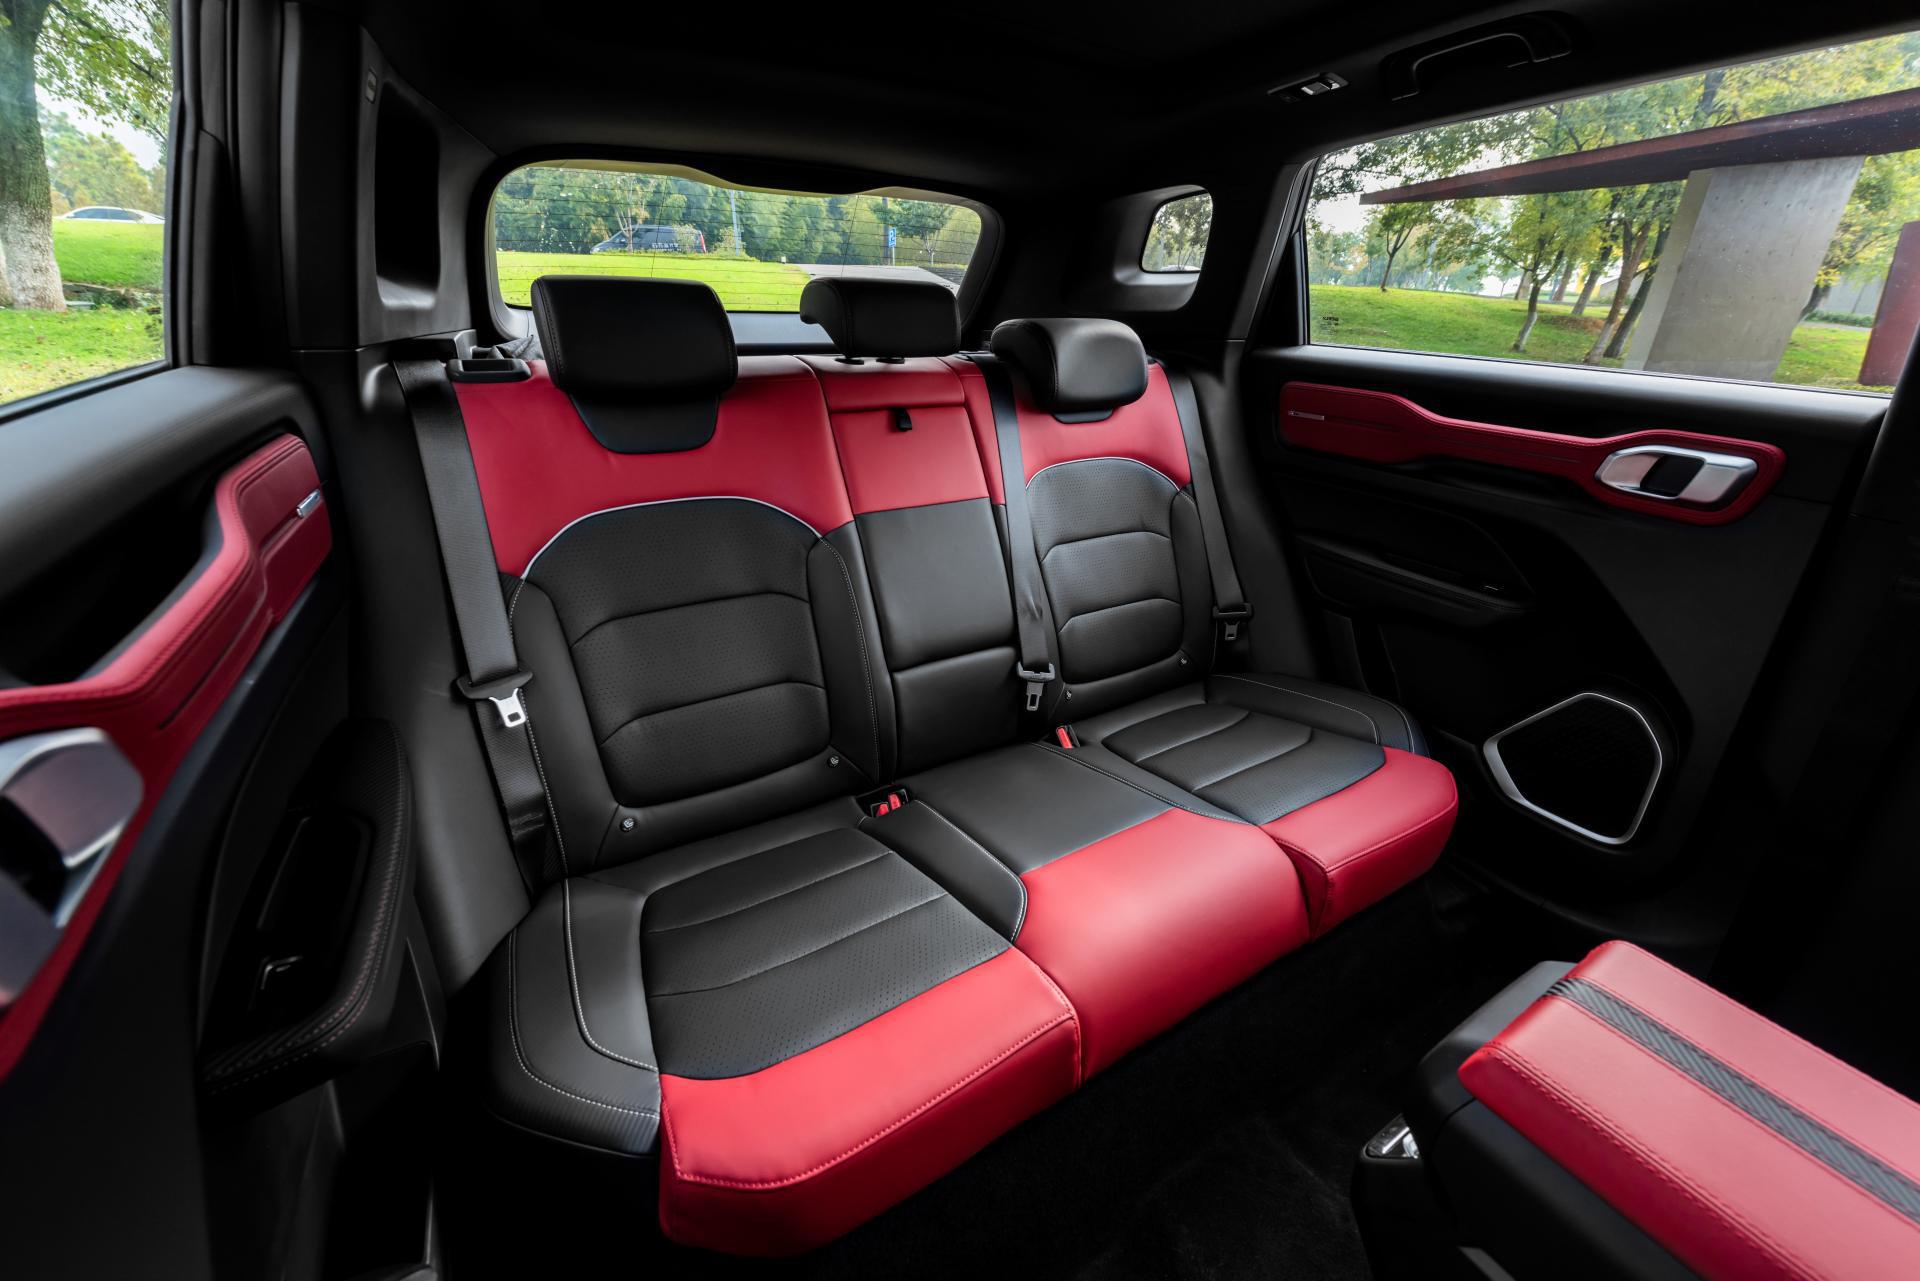 Hãng xe Trung Quốc Geely mở bán SUV Icon đẹp như Volvo, bảo vệ người dùng khỏi Corona, giá rẻ bèo từ 16.500 USD - Ảnh 5.